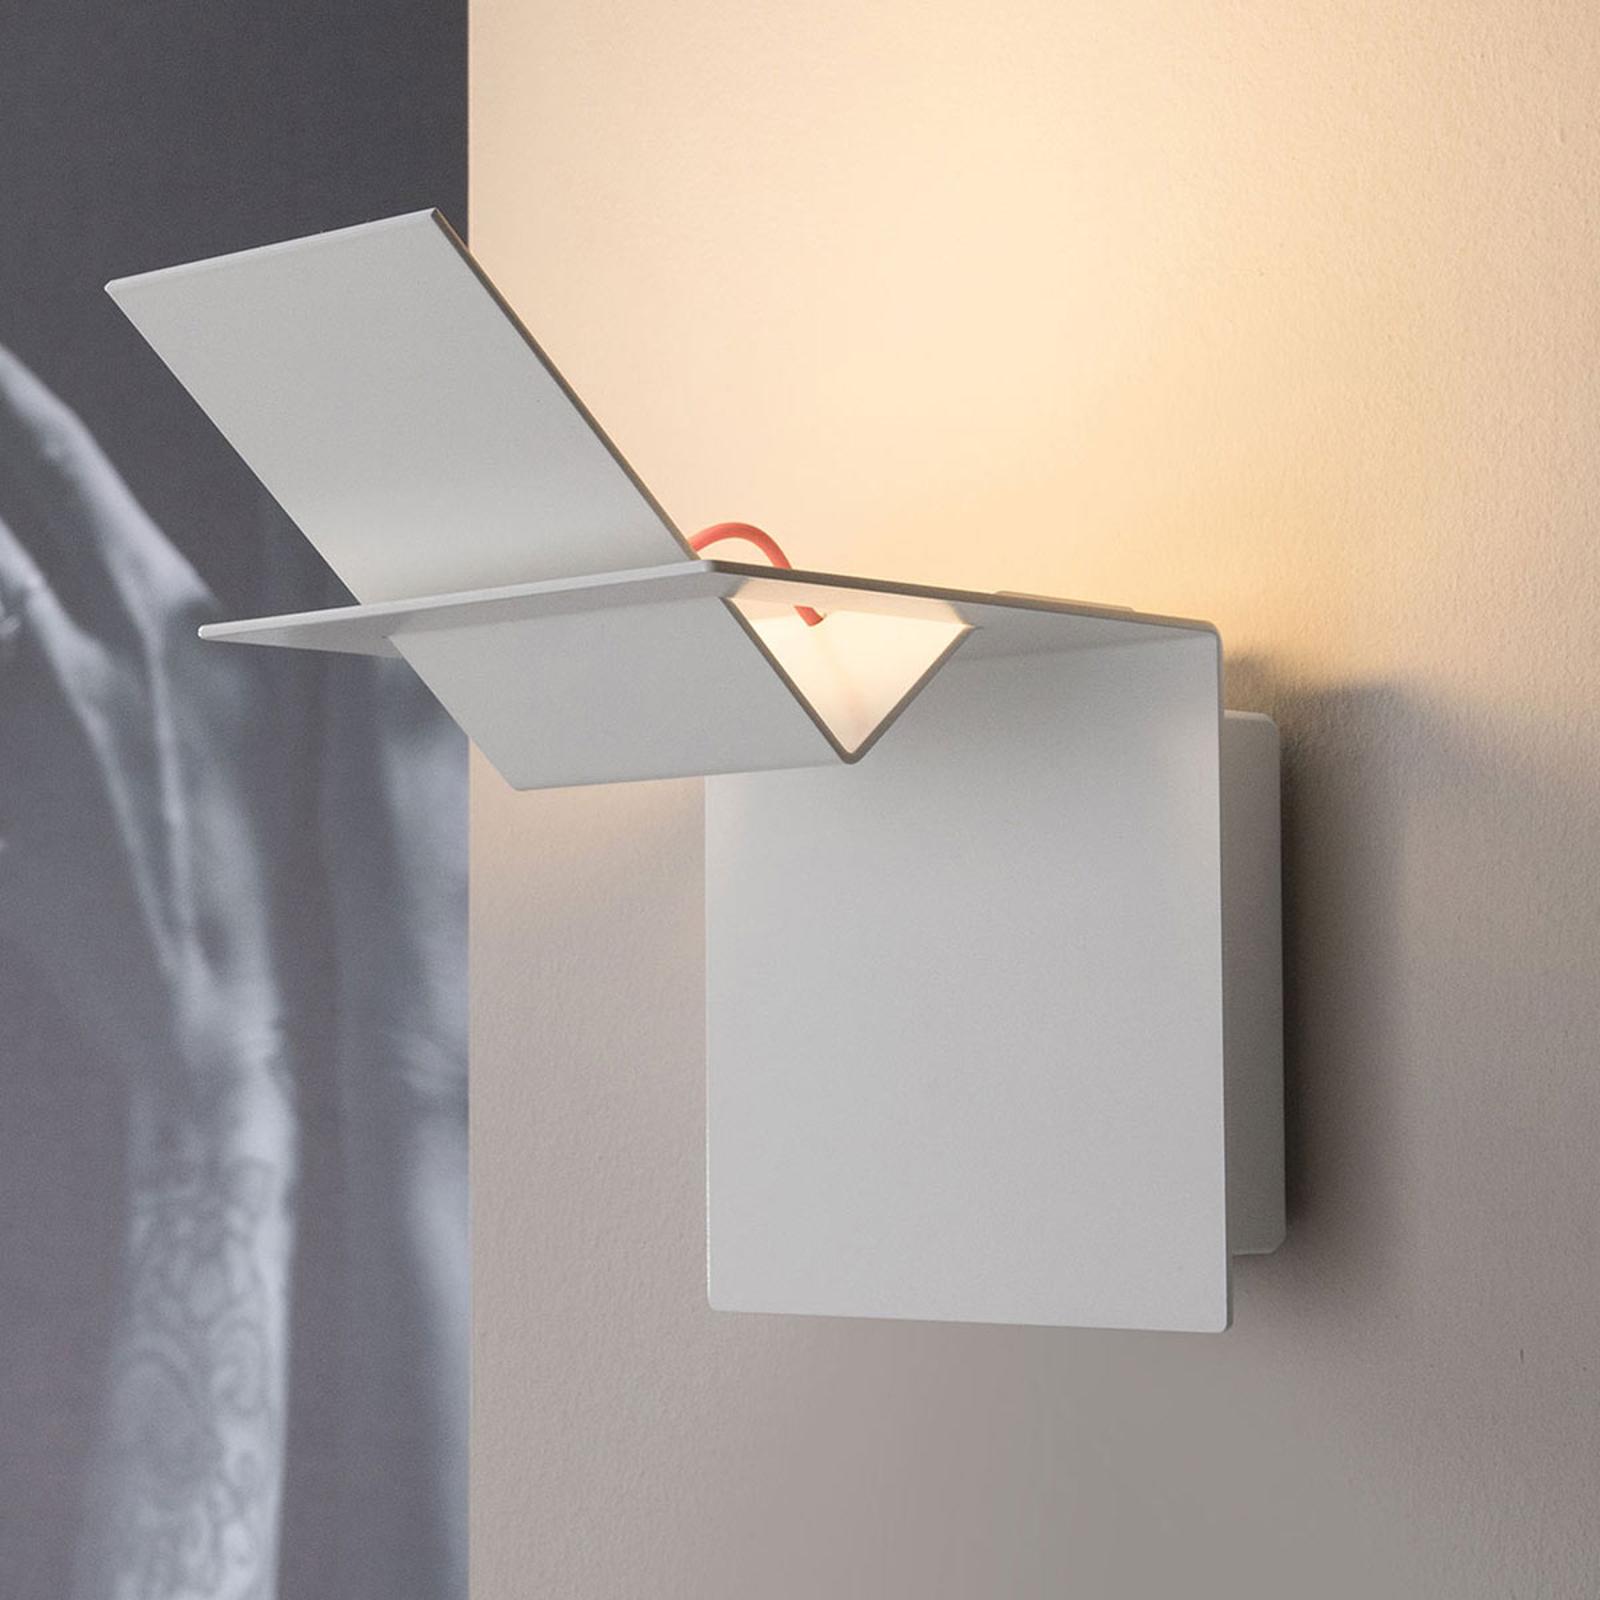 Acquista Karman Lamina - applique LED di design da interni